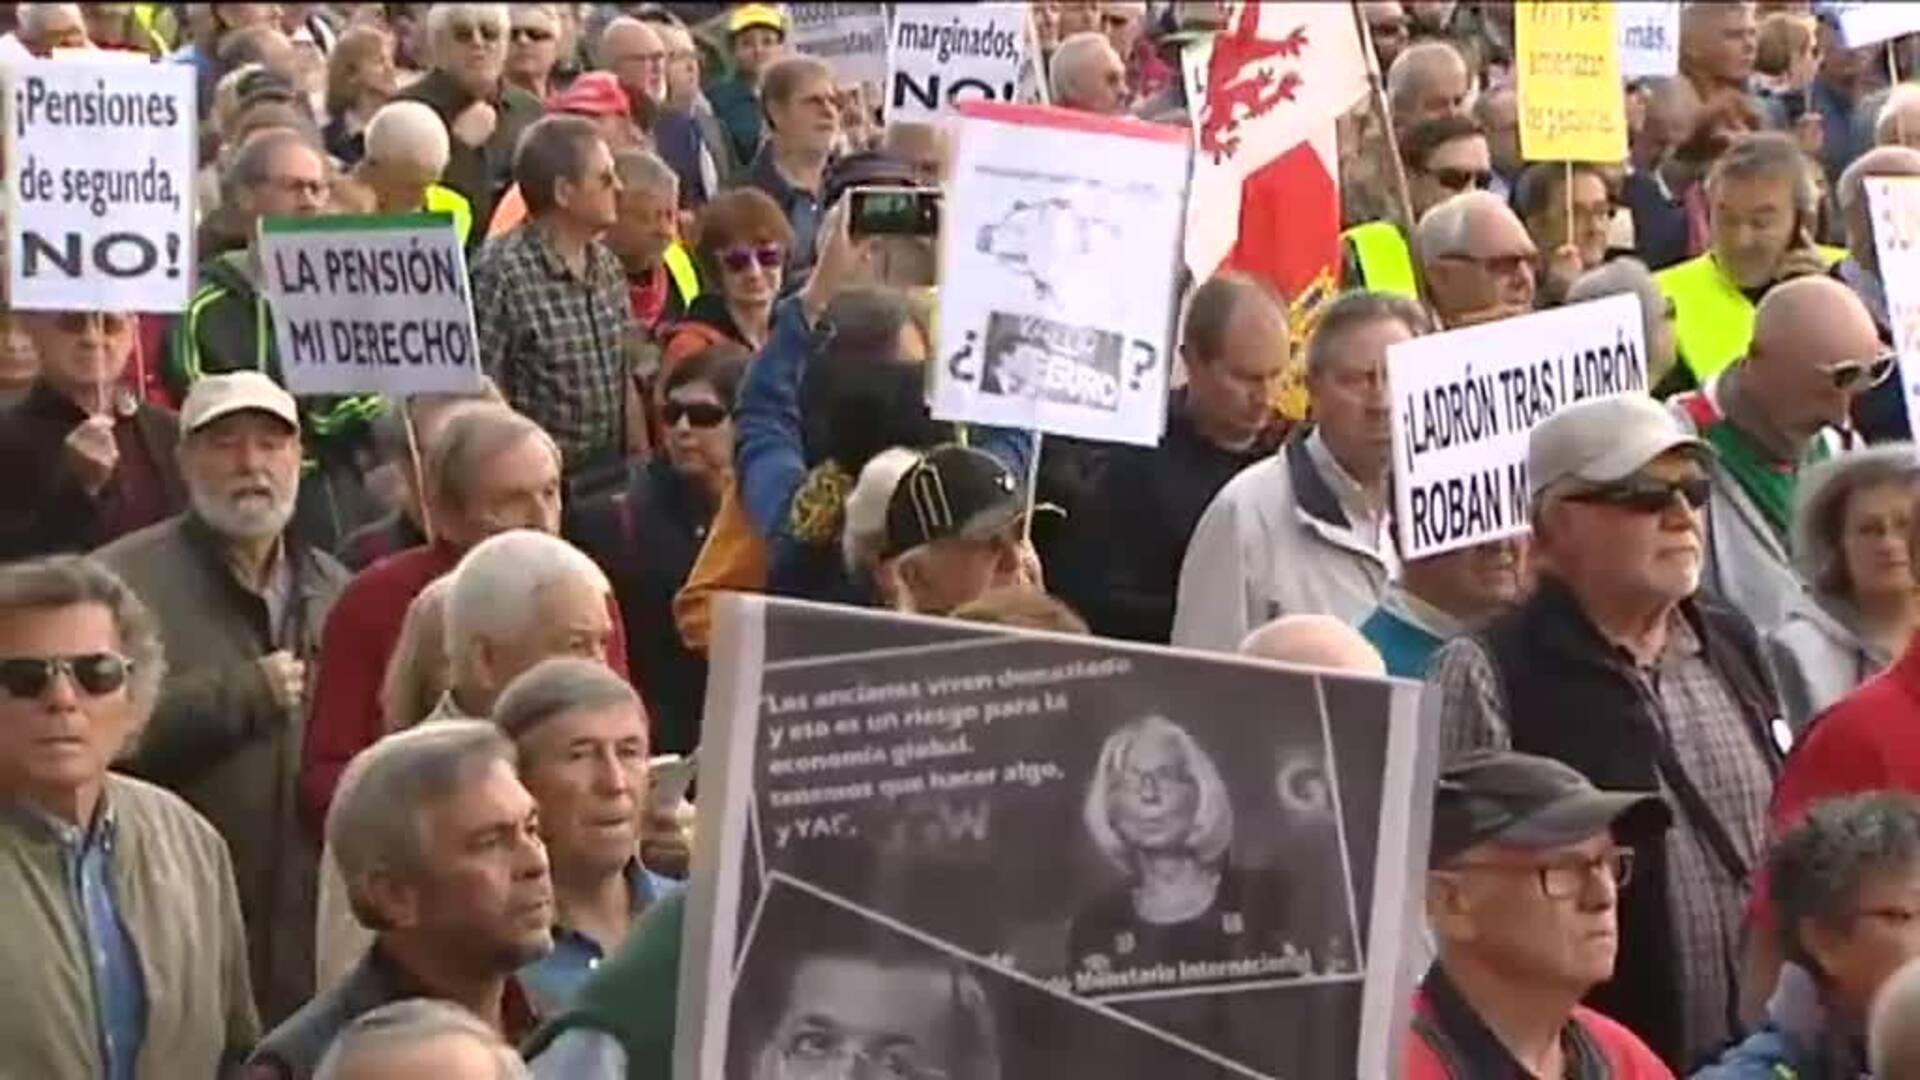 Miles de pensionistas se manifiestan en Madrid por unas pensiones dignas